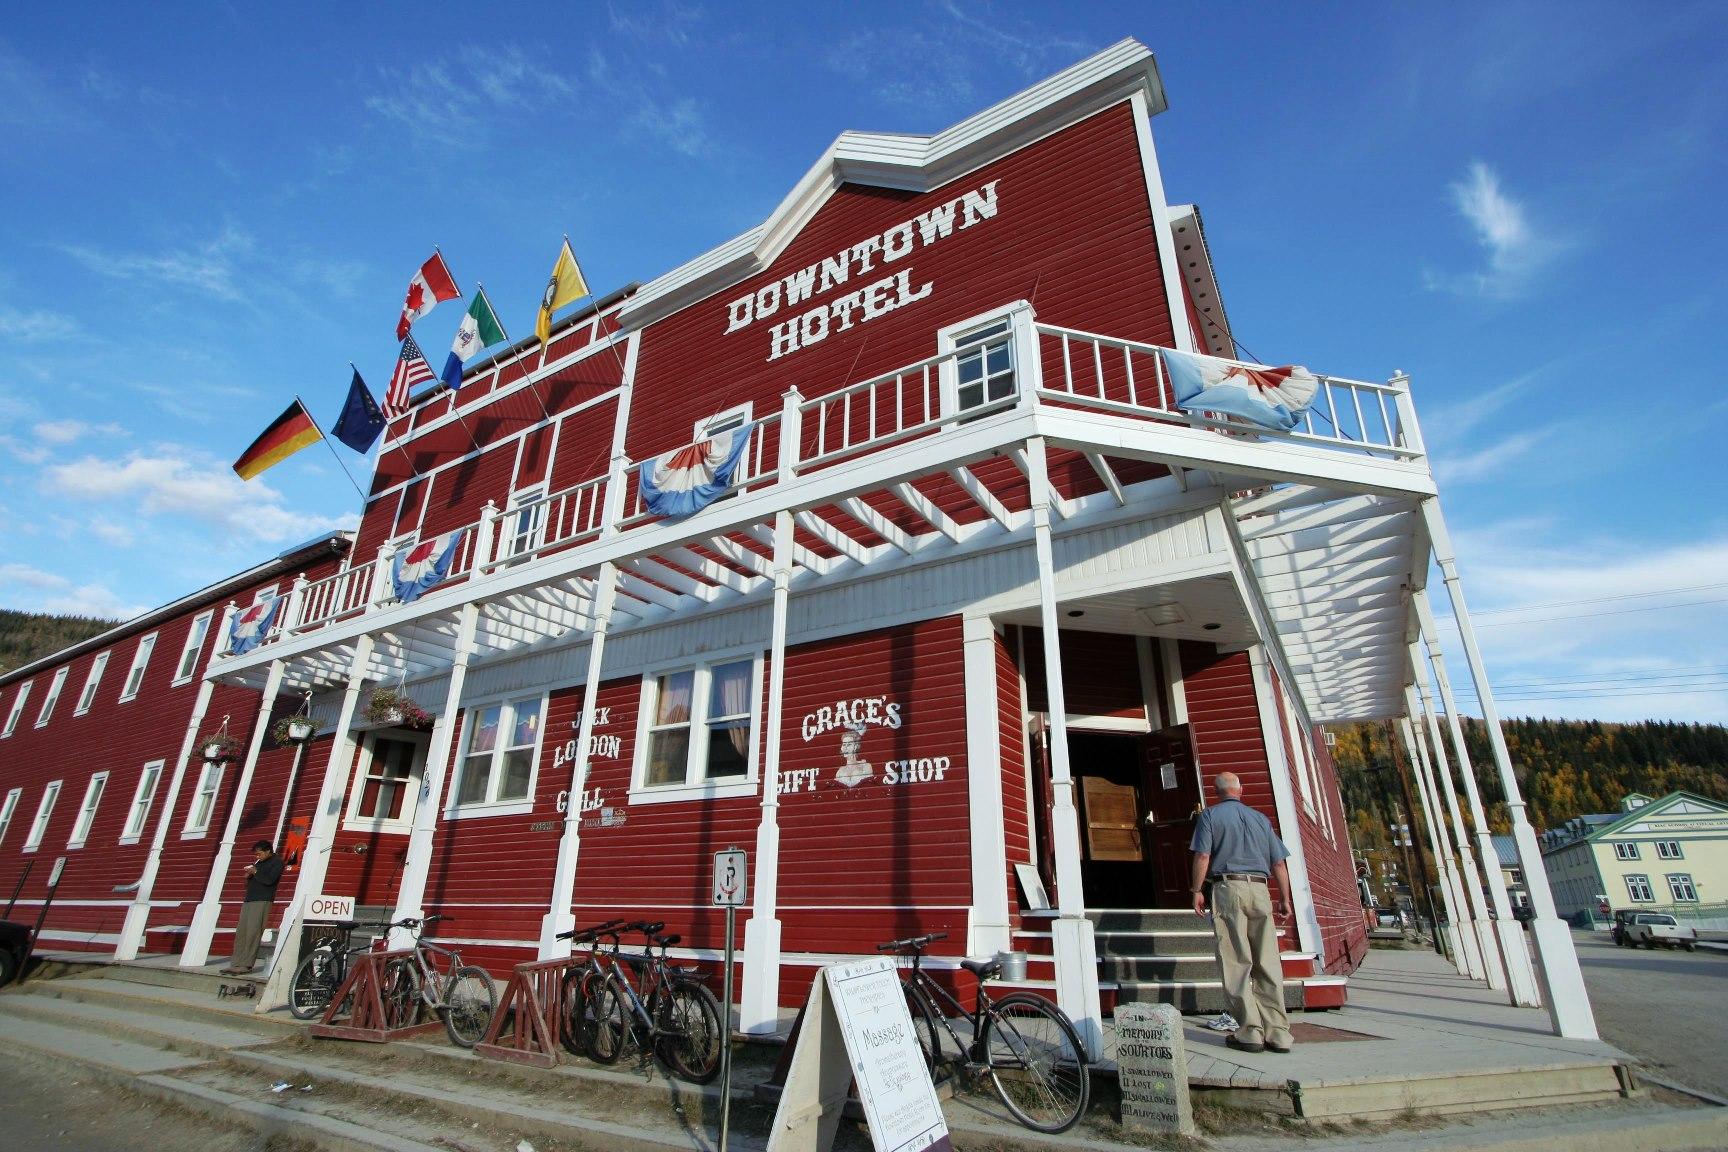 歴史の名残を残すドーソンシティに4連泊